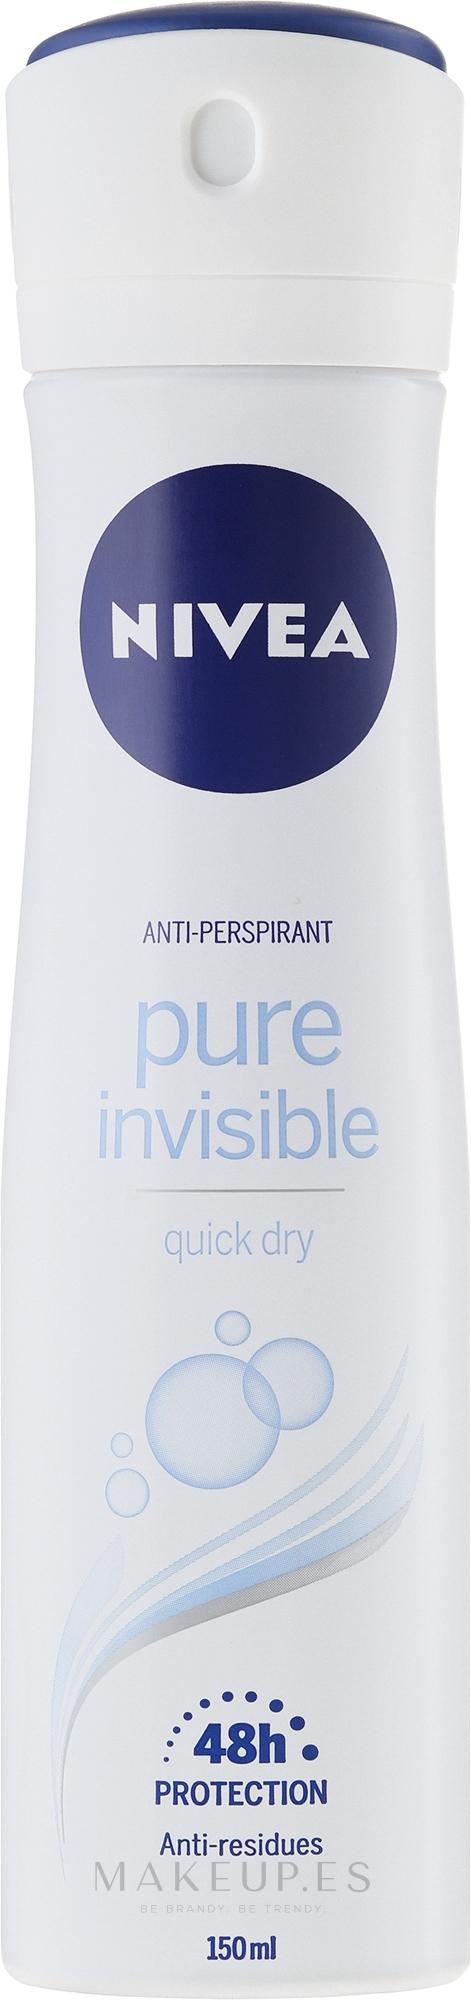 Desodorante spray 48h - Nivea Pure Invisible Deodorant Spray 48H — imagen 150 ml